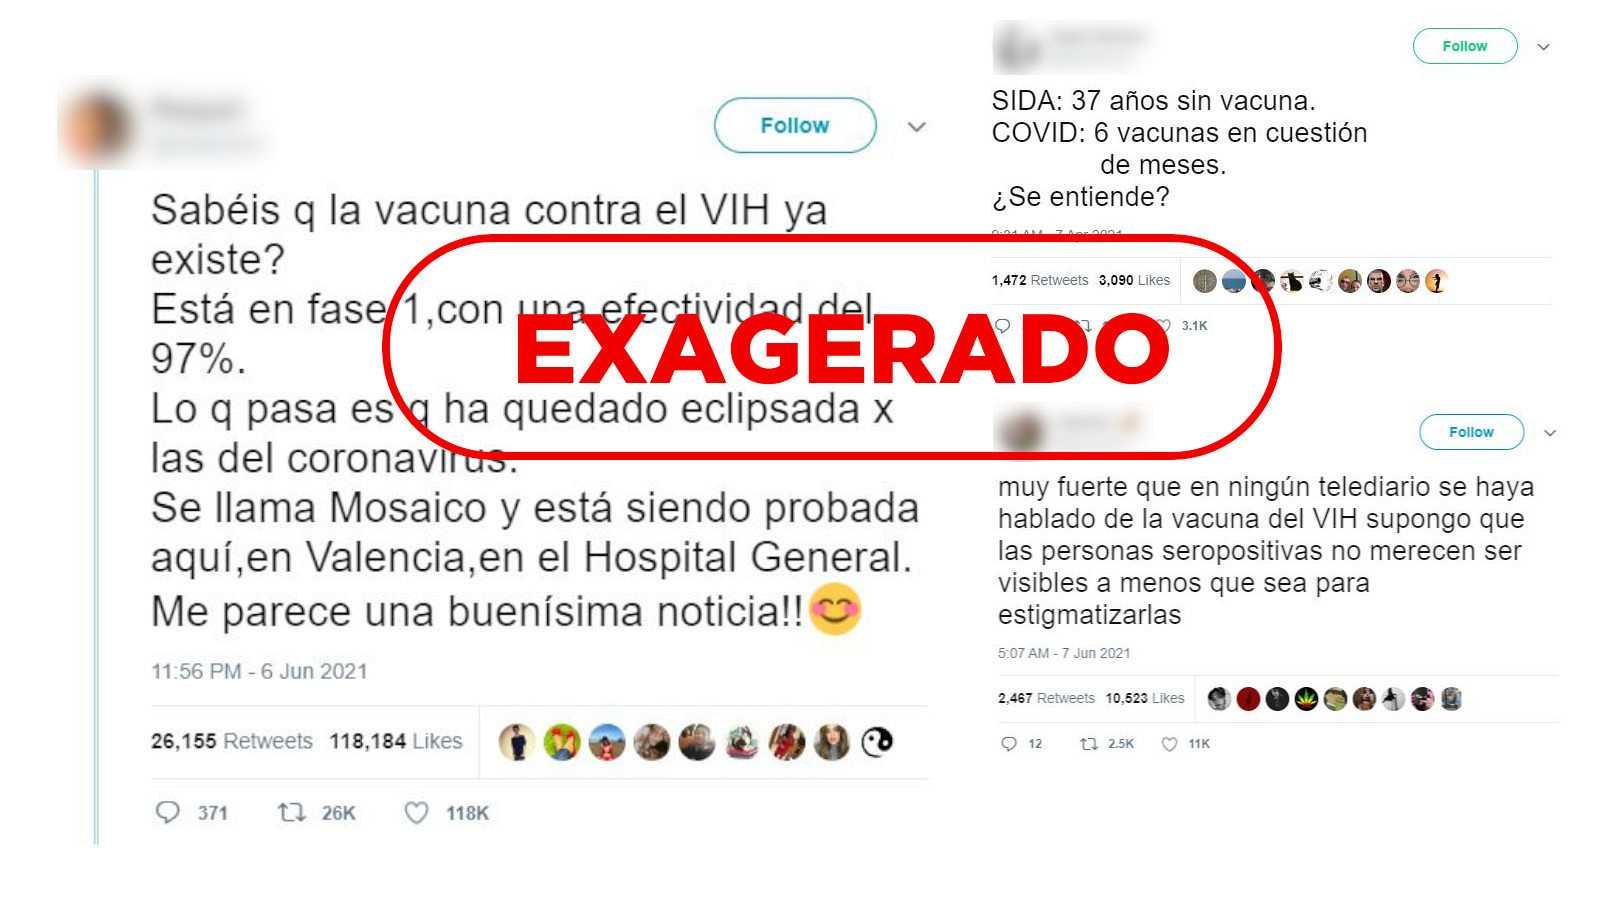 Captura de algunos tuits sobre la vacuna del sida con el sello Exagerado de VerificaRTVE